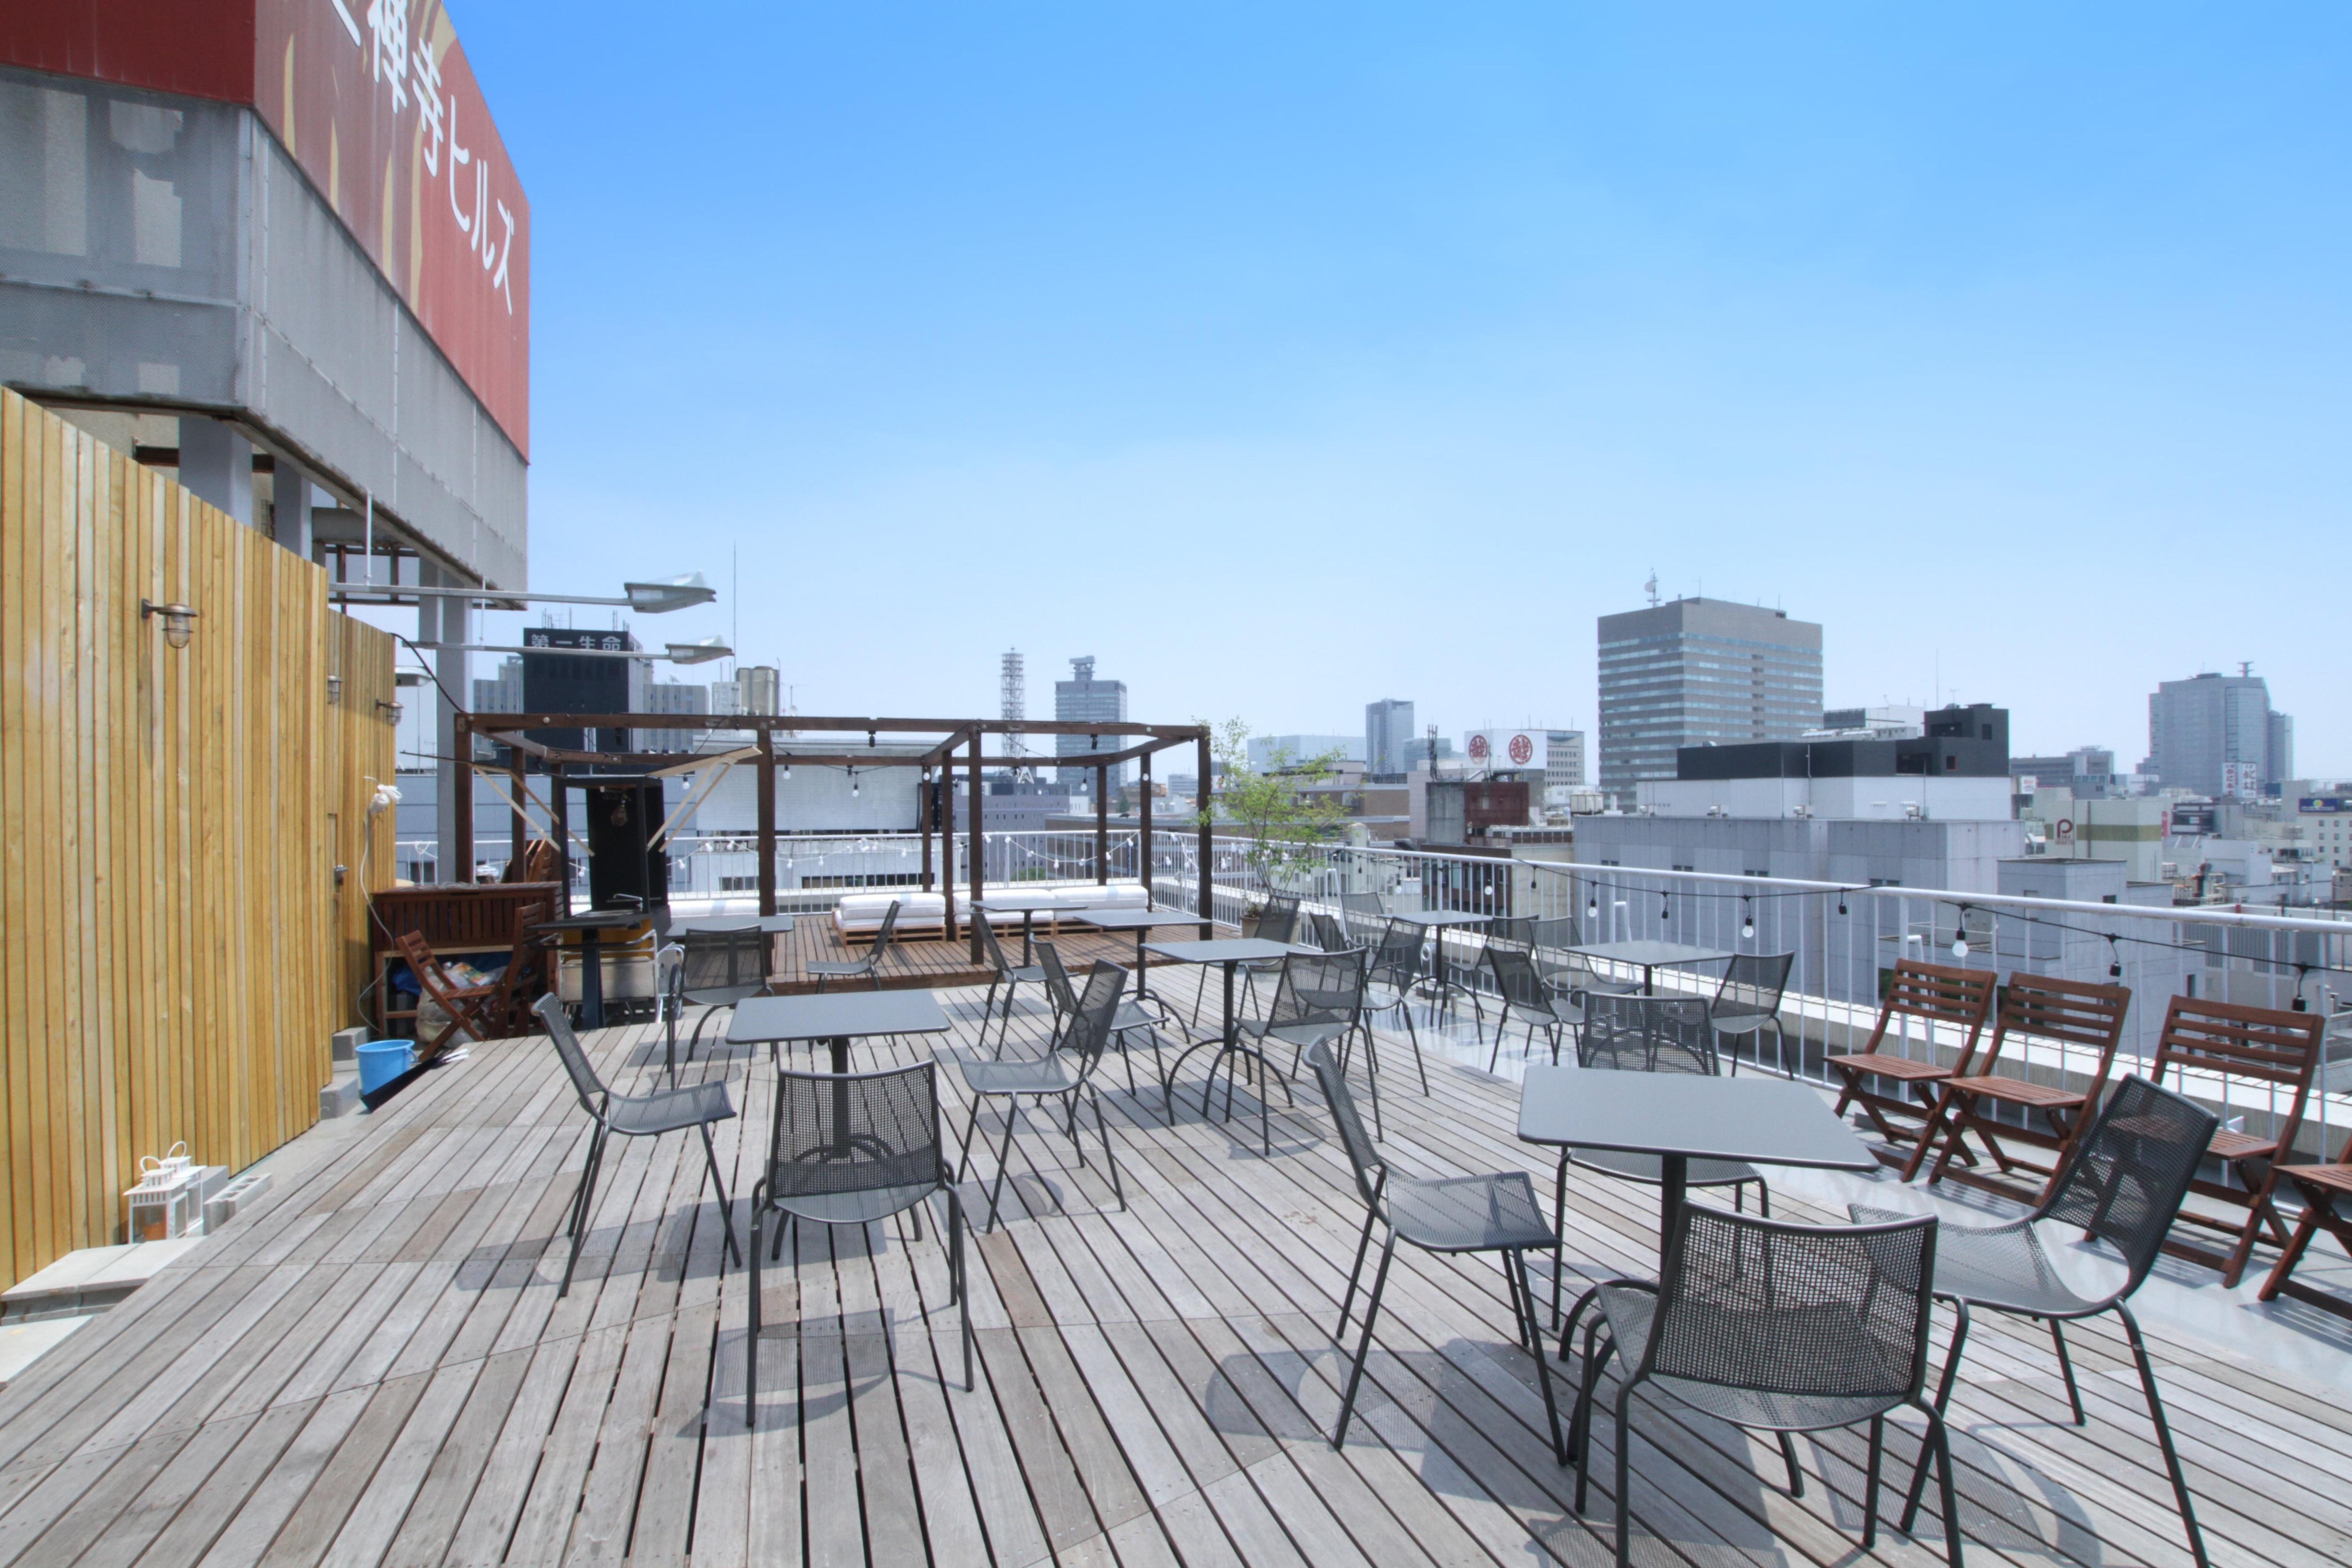 ROOF GARDEN(ルーフガーデン):定禅寺通りを上から望める贅沢な屋上空間のイメージその3